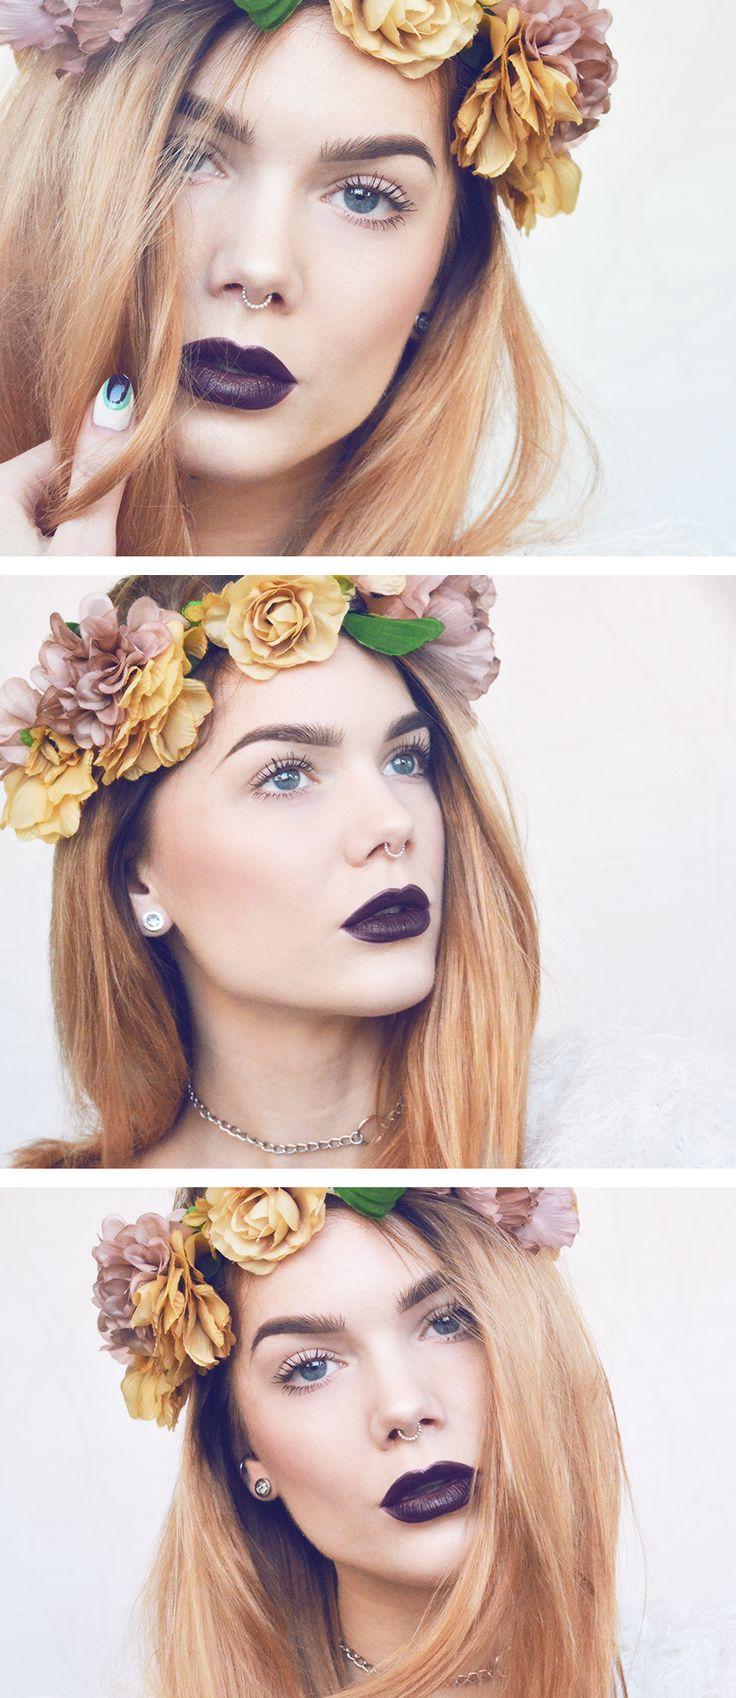 Todays look - Flower crown